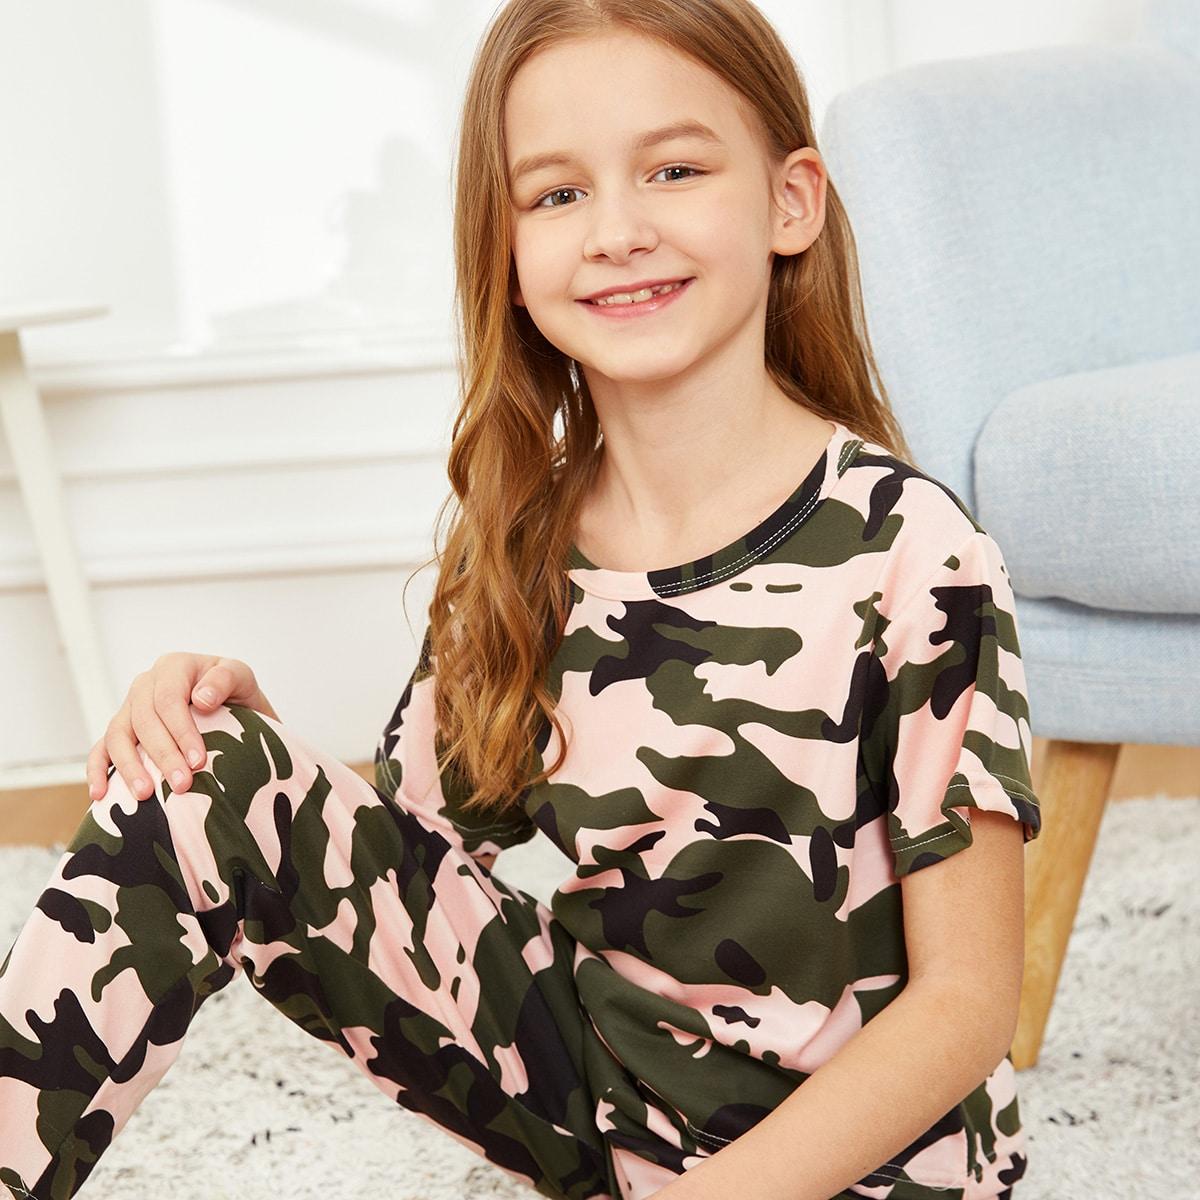 Камуфляжная пижама комплект для девочек от SHEIN